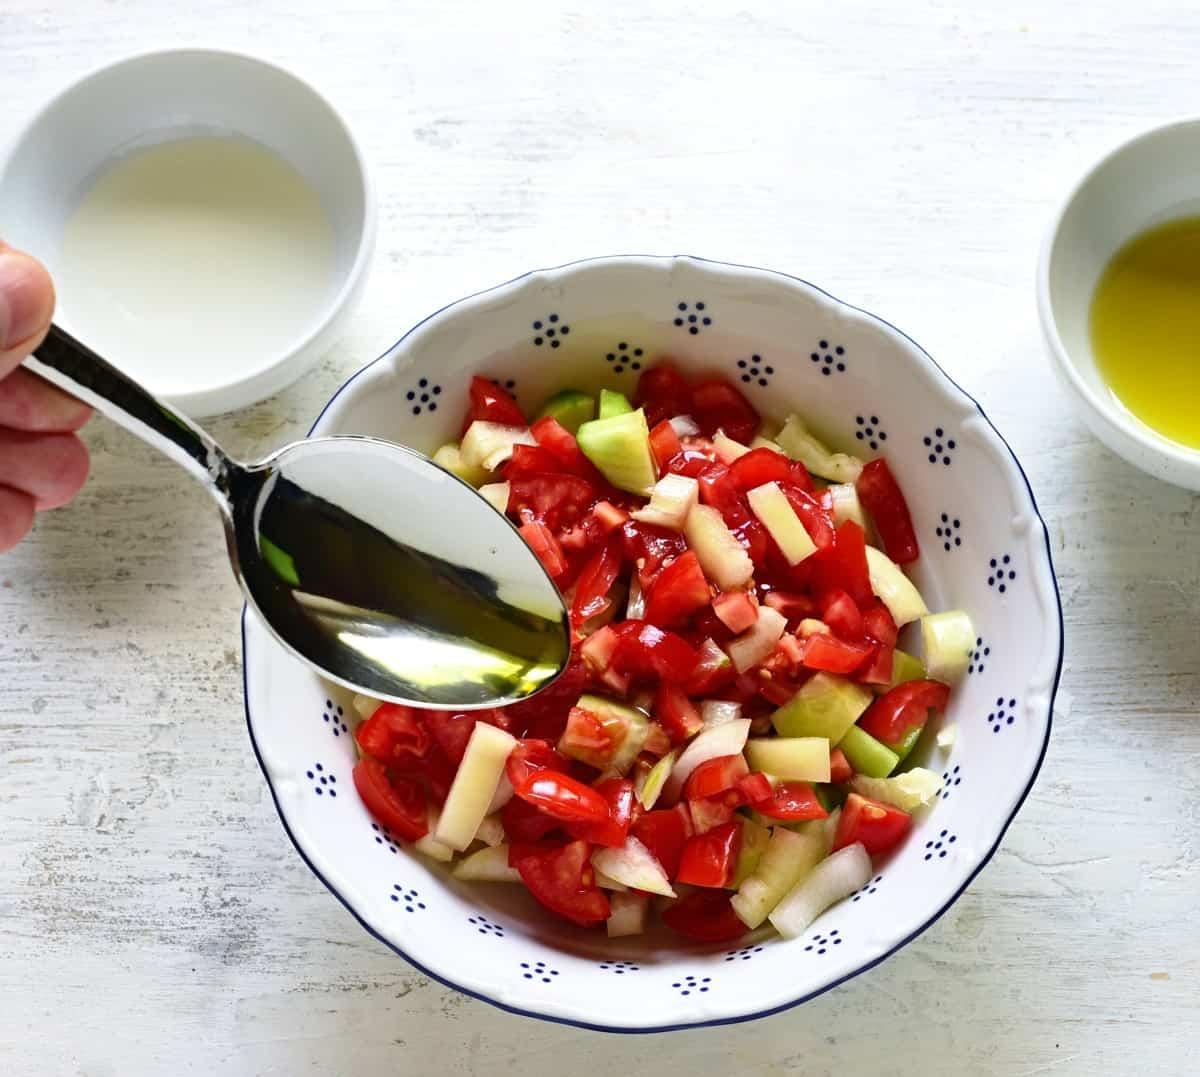 Geschnittene Gemüse mit Öl und Essing beträufeln.